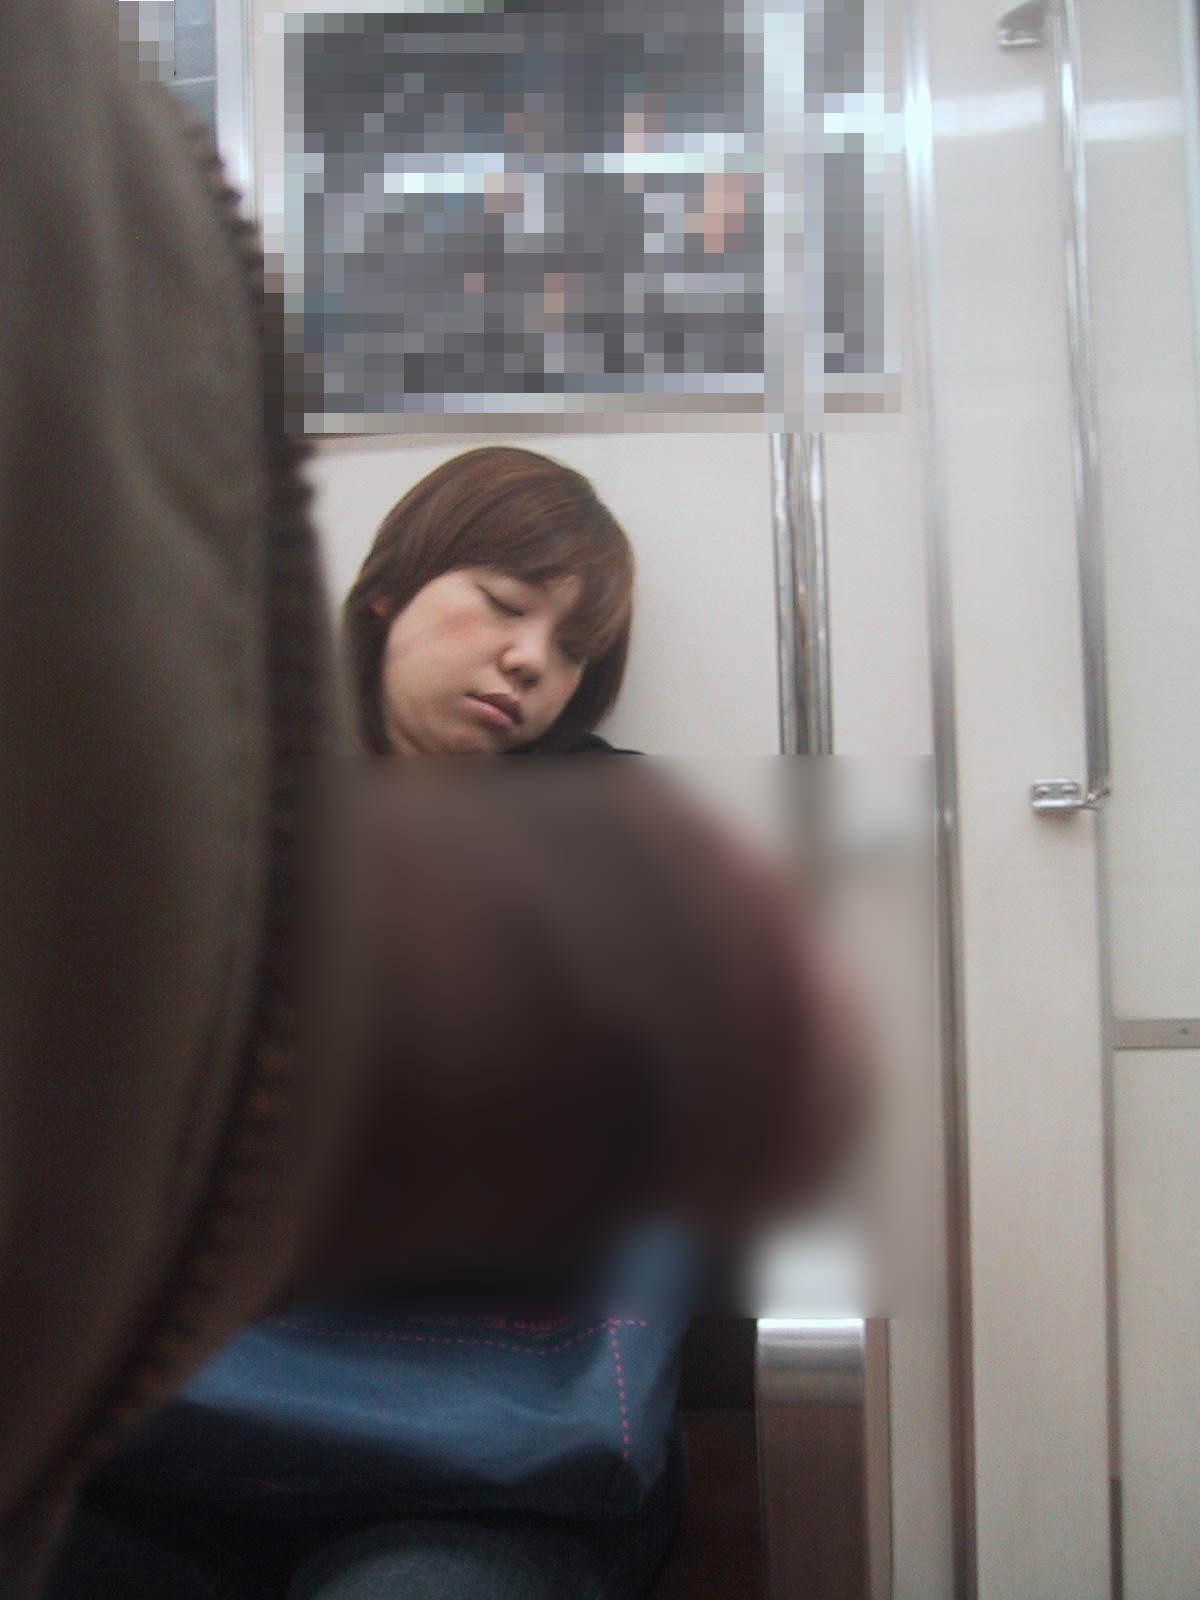 電車でちんこ出して痴漢するガチでヤバい奴現るwwwwwwwwww 0677